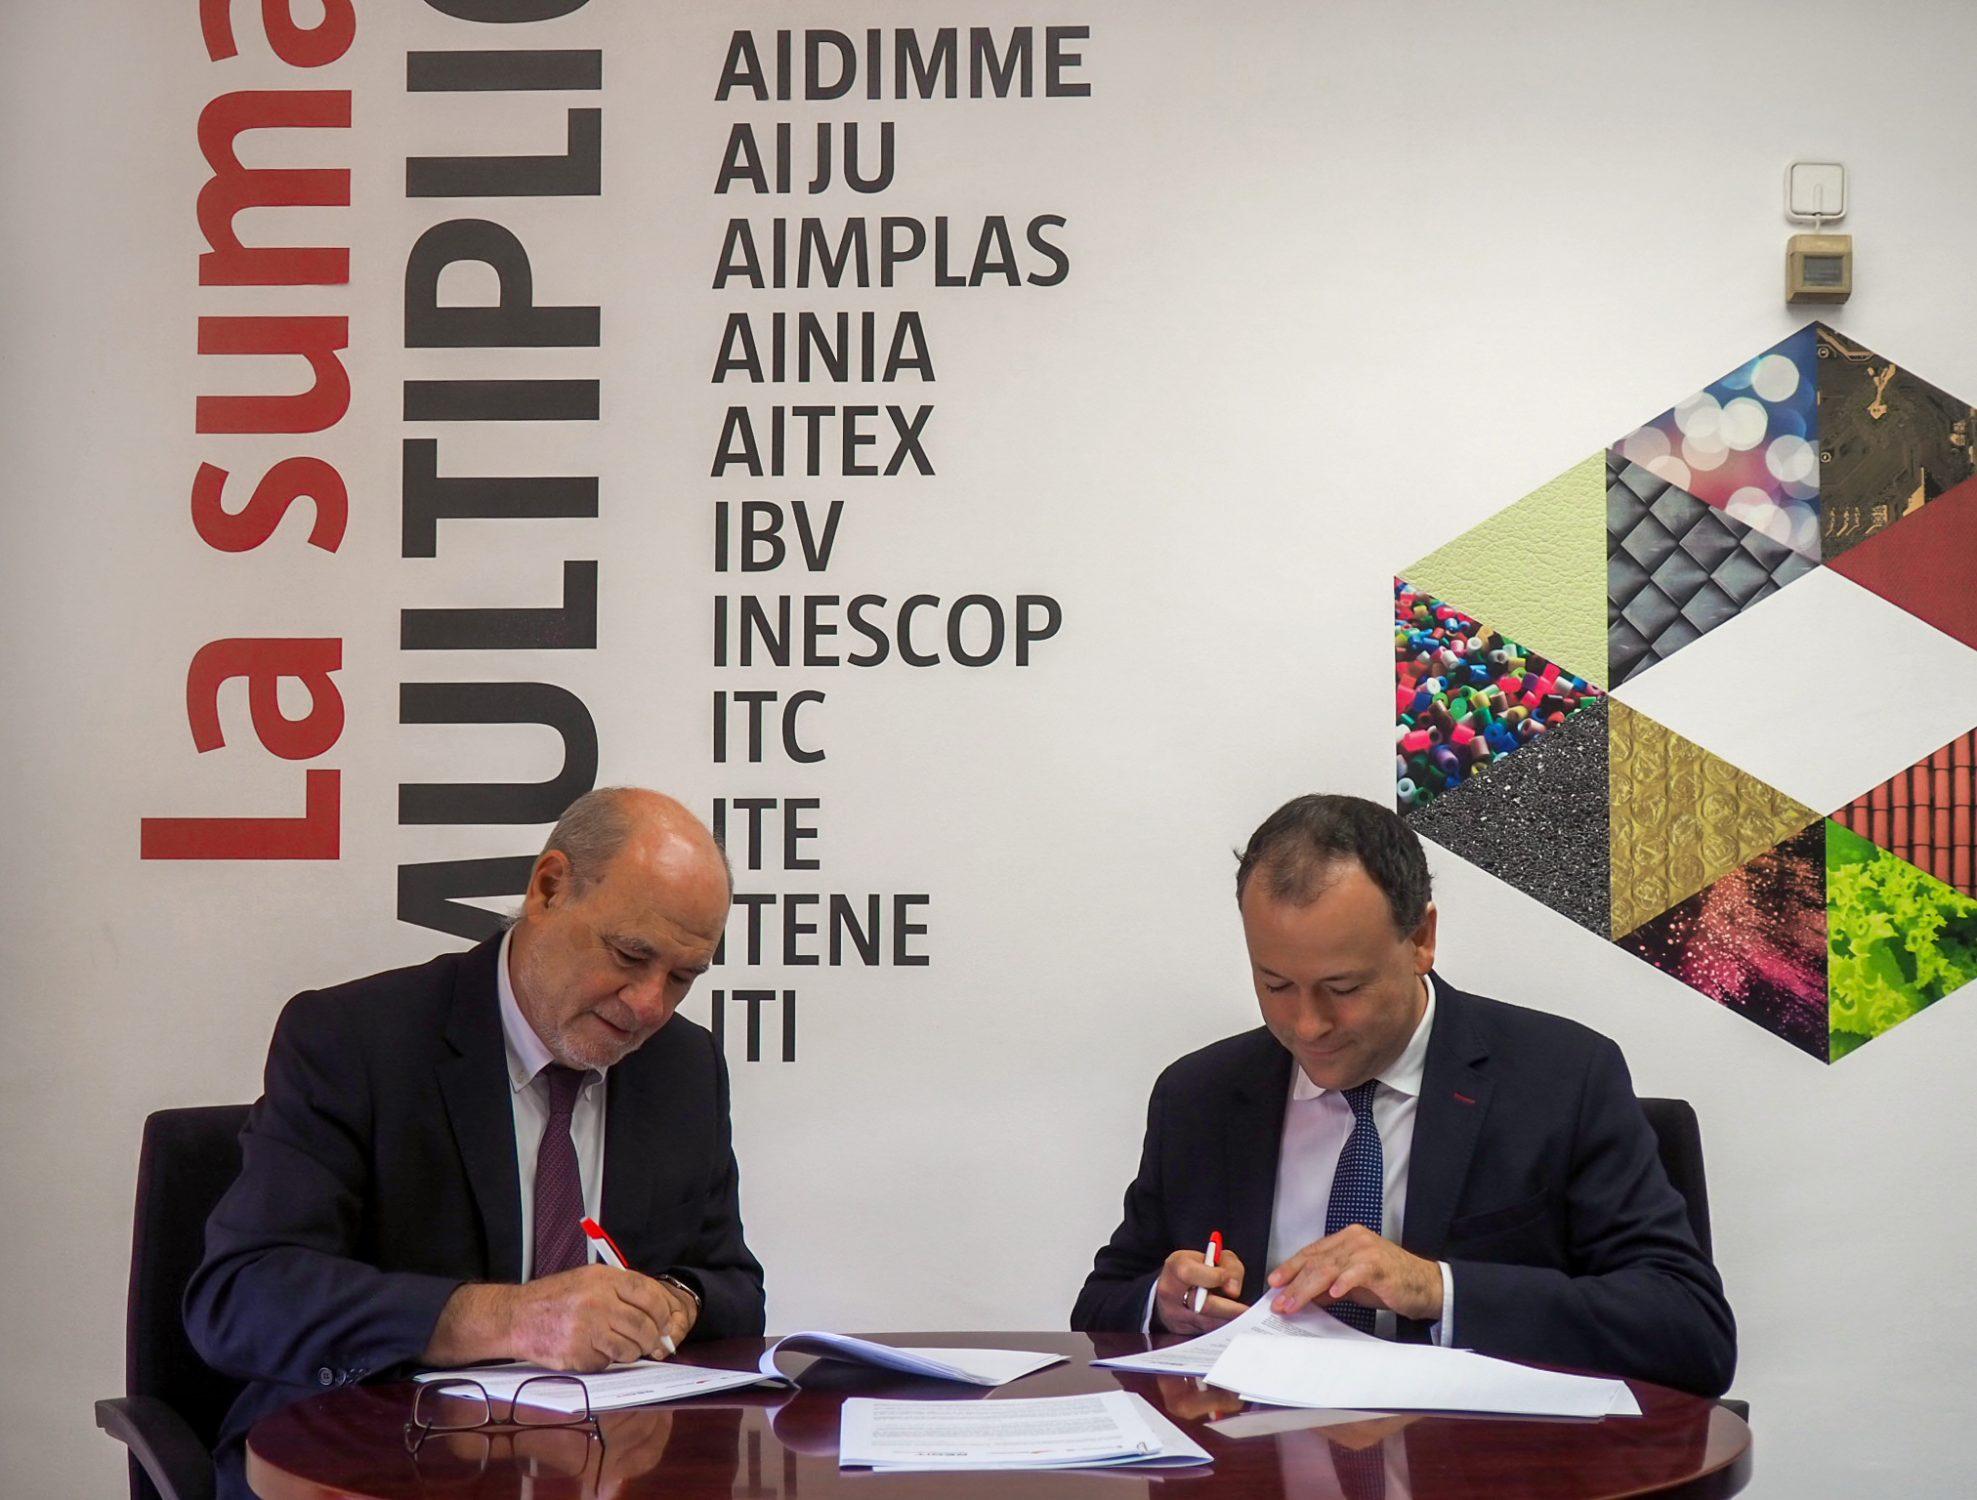 La AVI aportará 150.000 euros para promover más la especialización y las necesidades en el sector de la innovación de la Comunidad Valenciana.